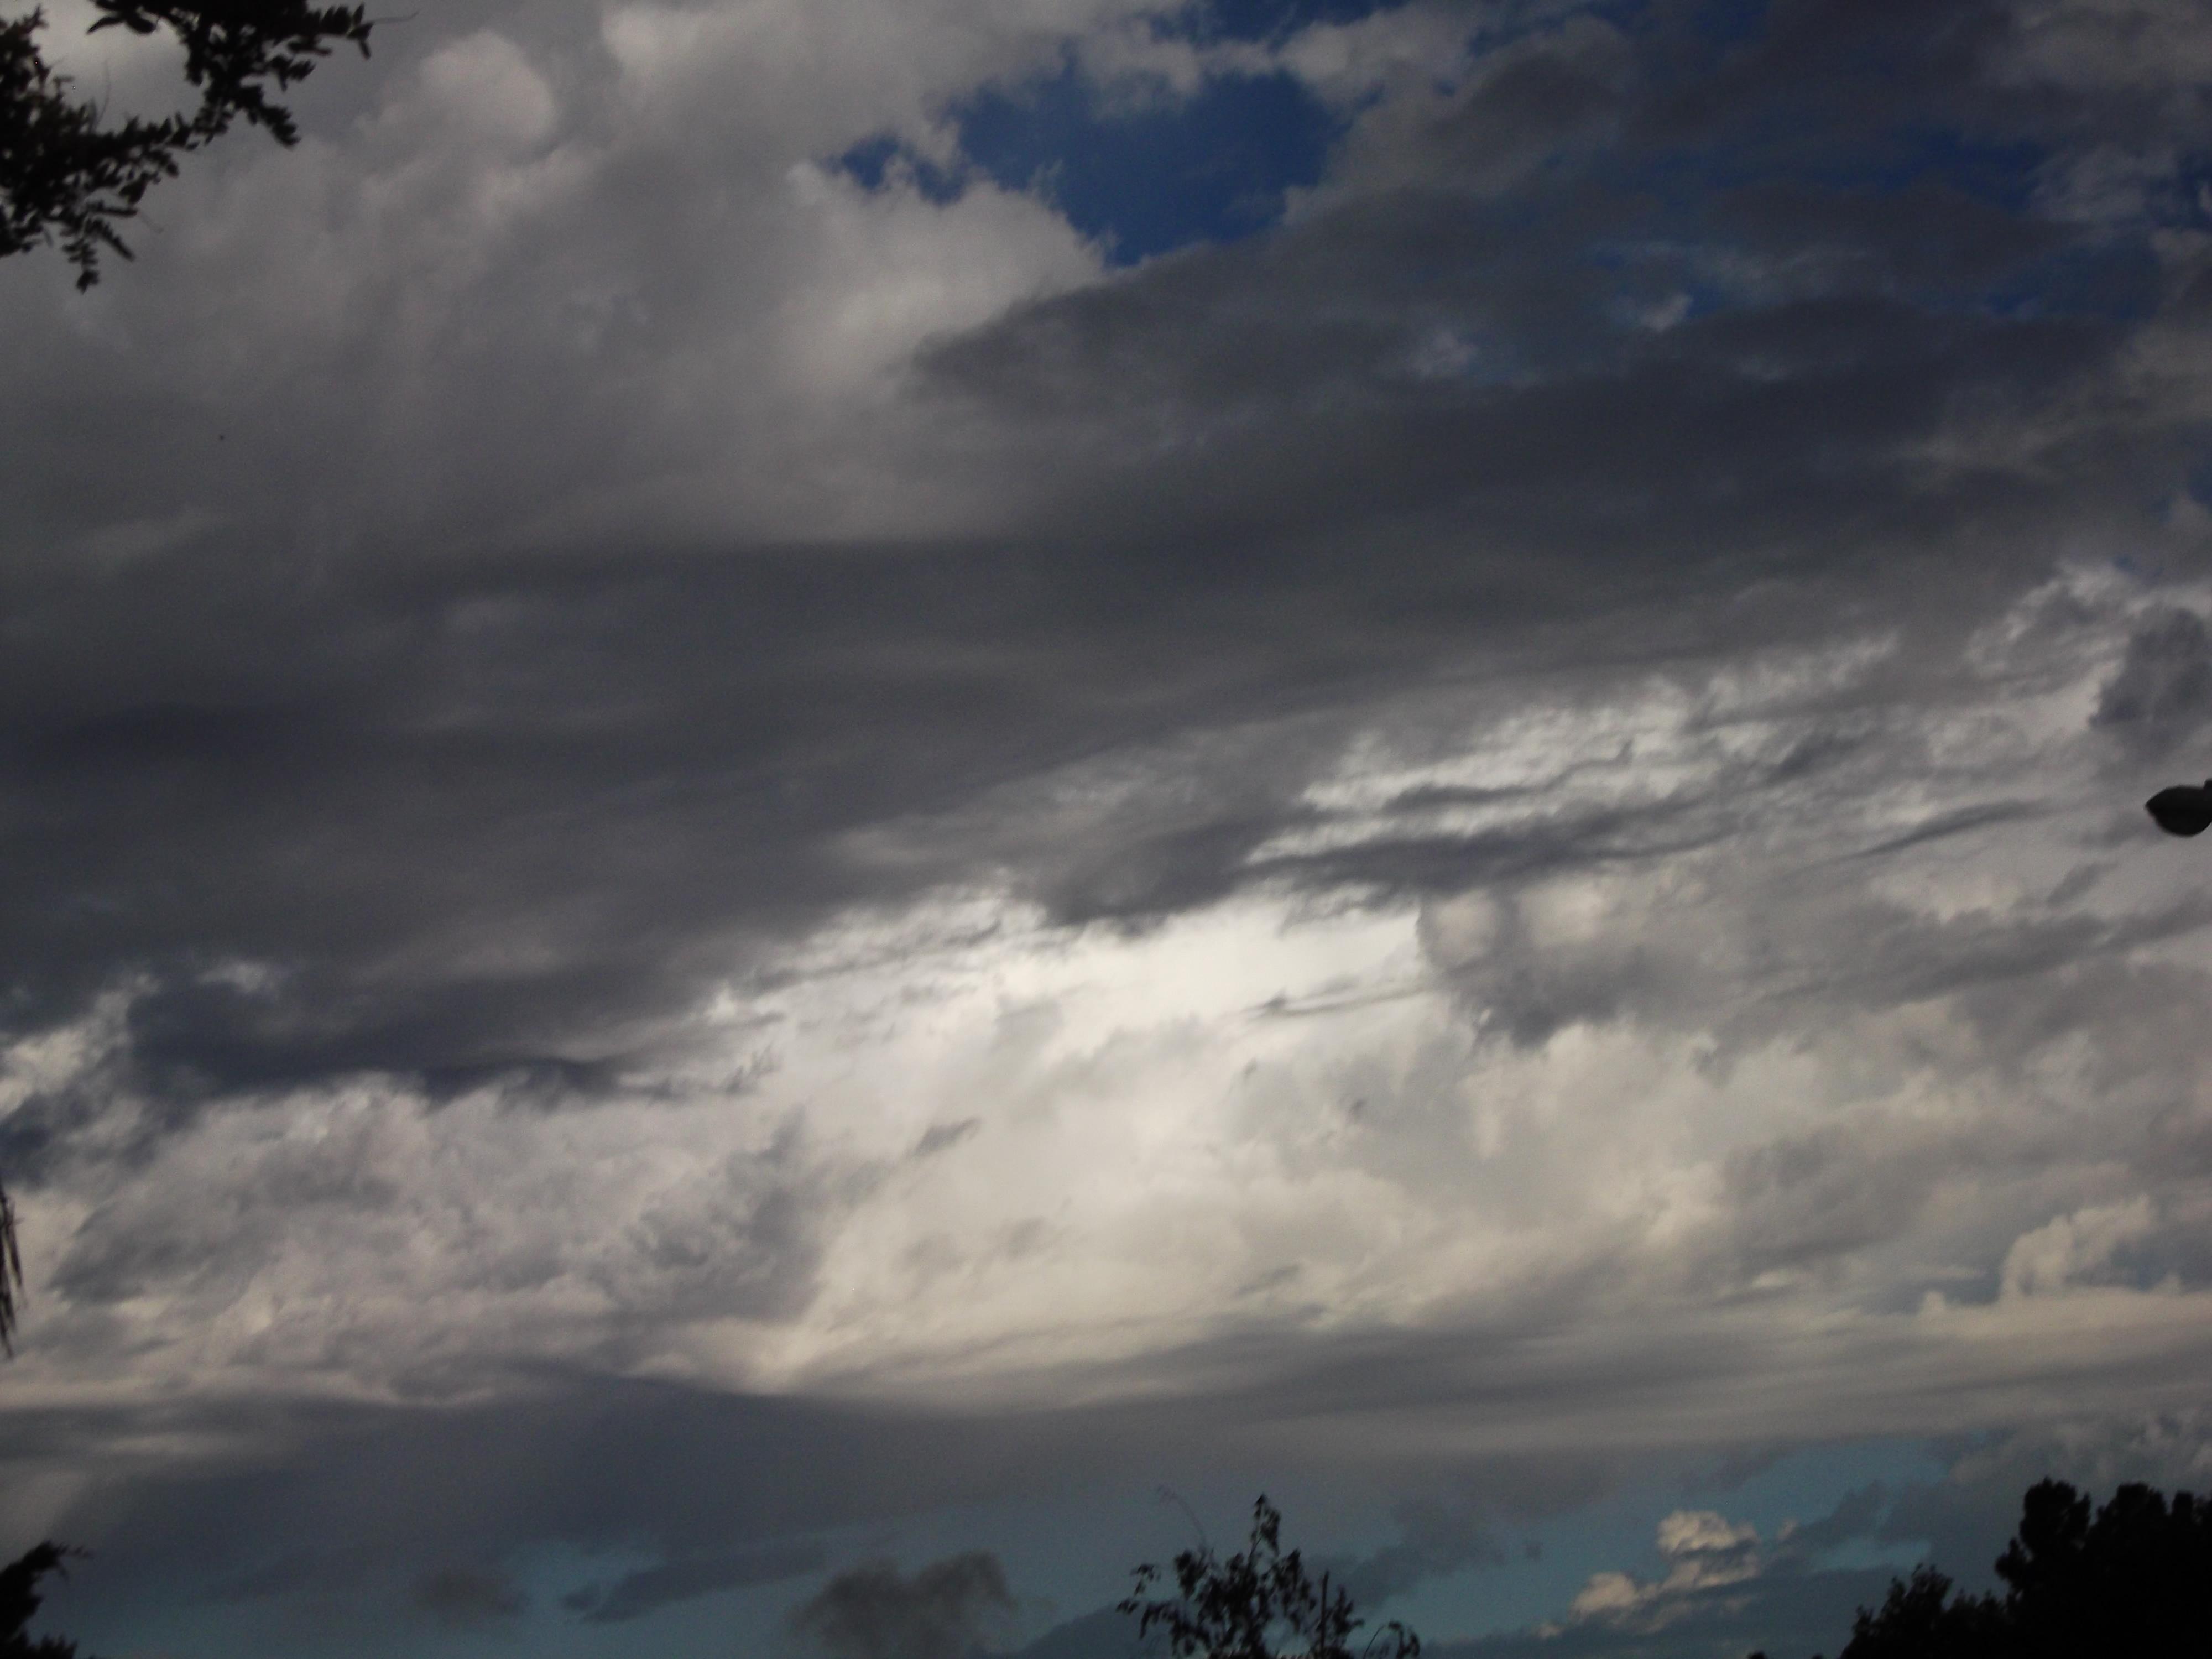 Cloud photo taken by me